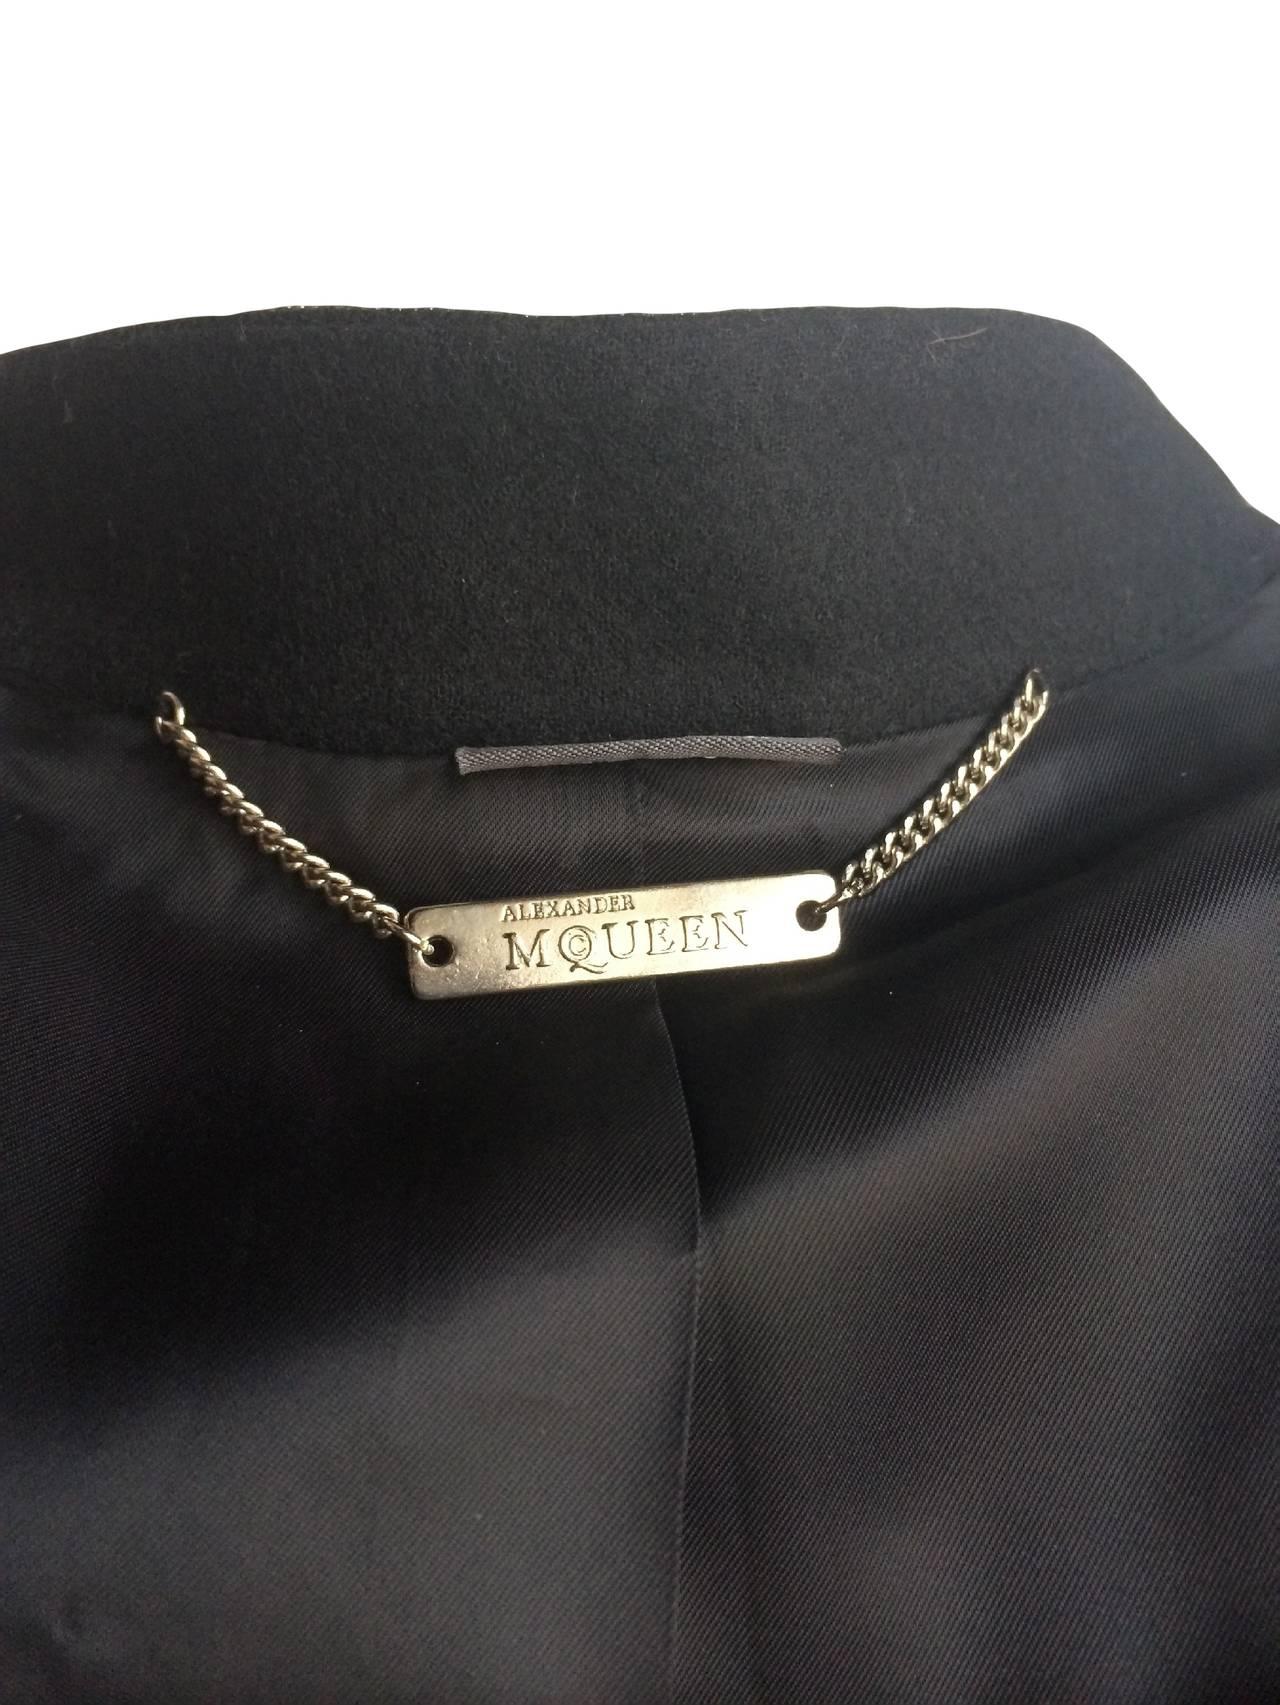 2011 Alexander McQueen Wool Jacket For Sale 4